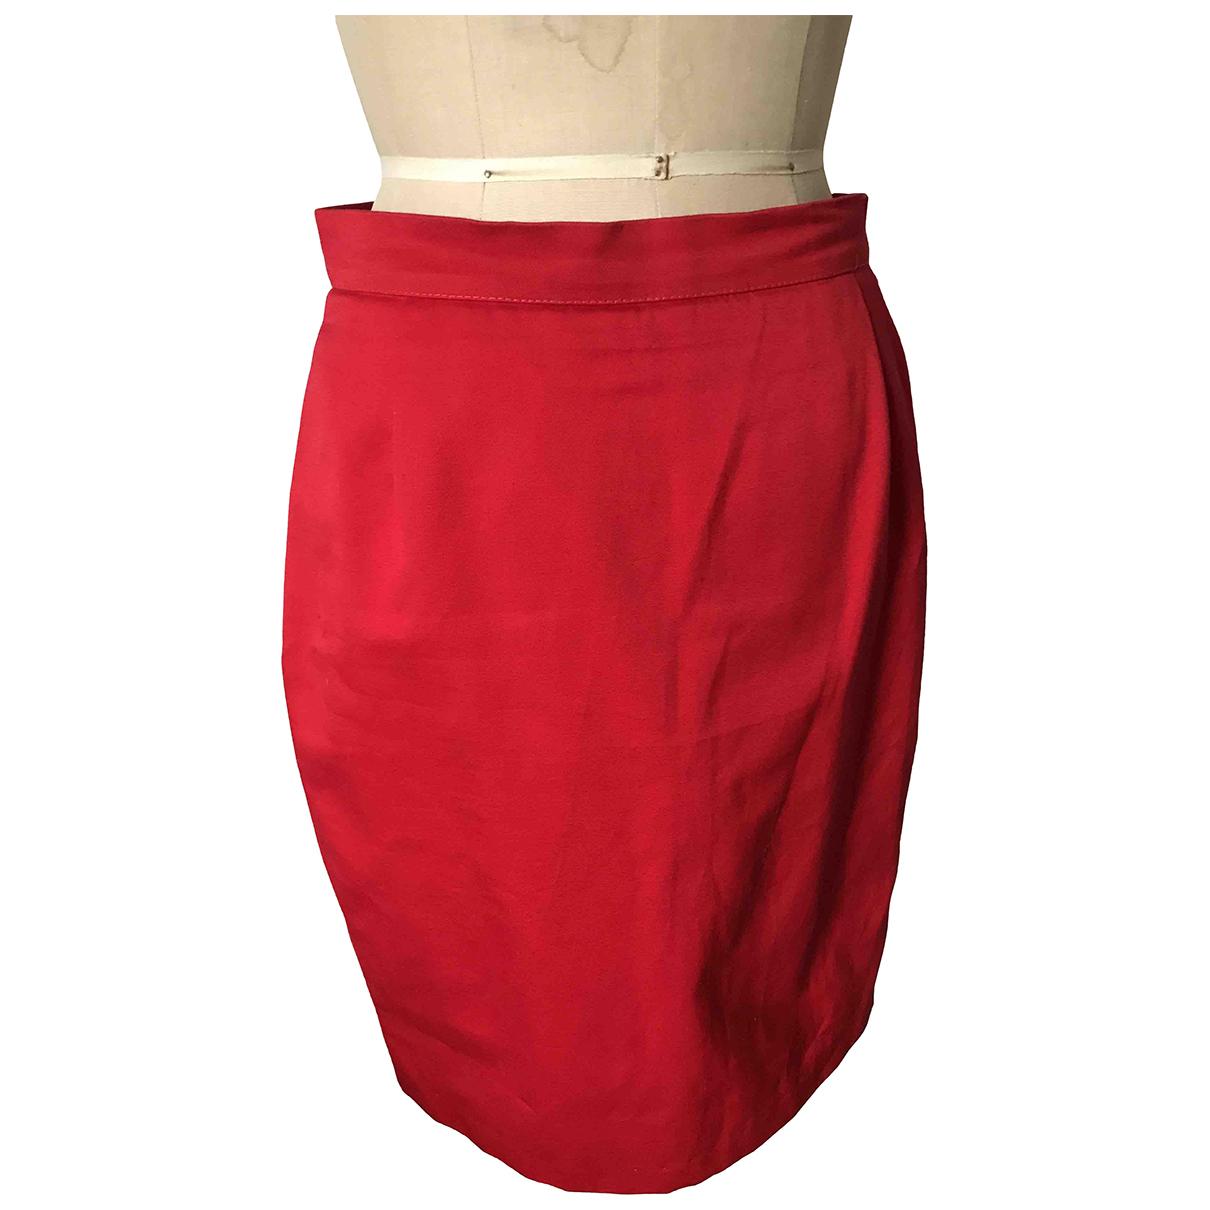 Yves Saint Laurent - Jupe   pour femme en coton - rouge